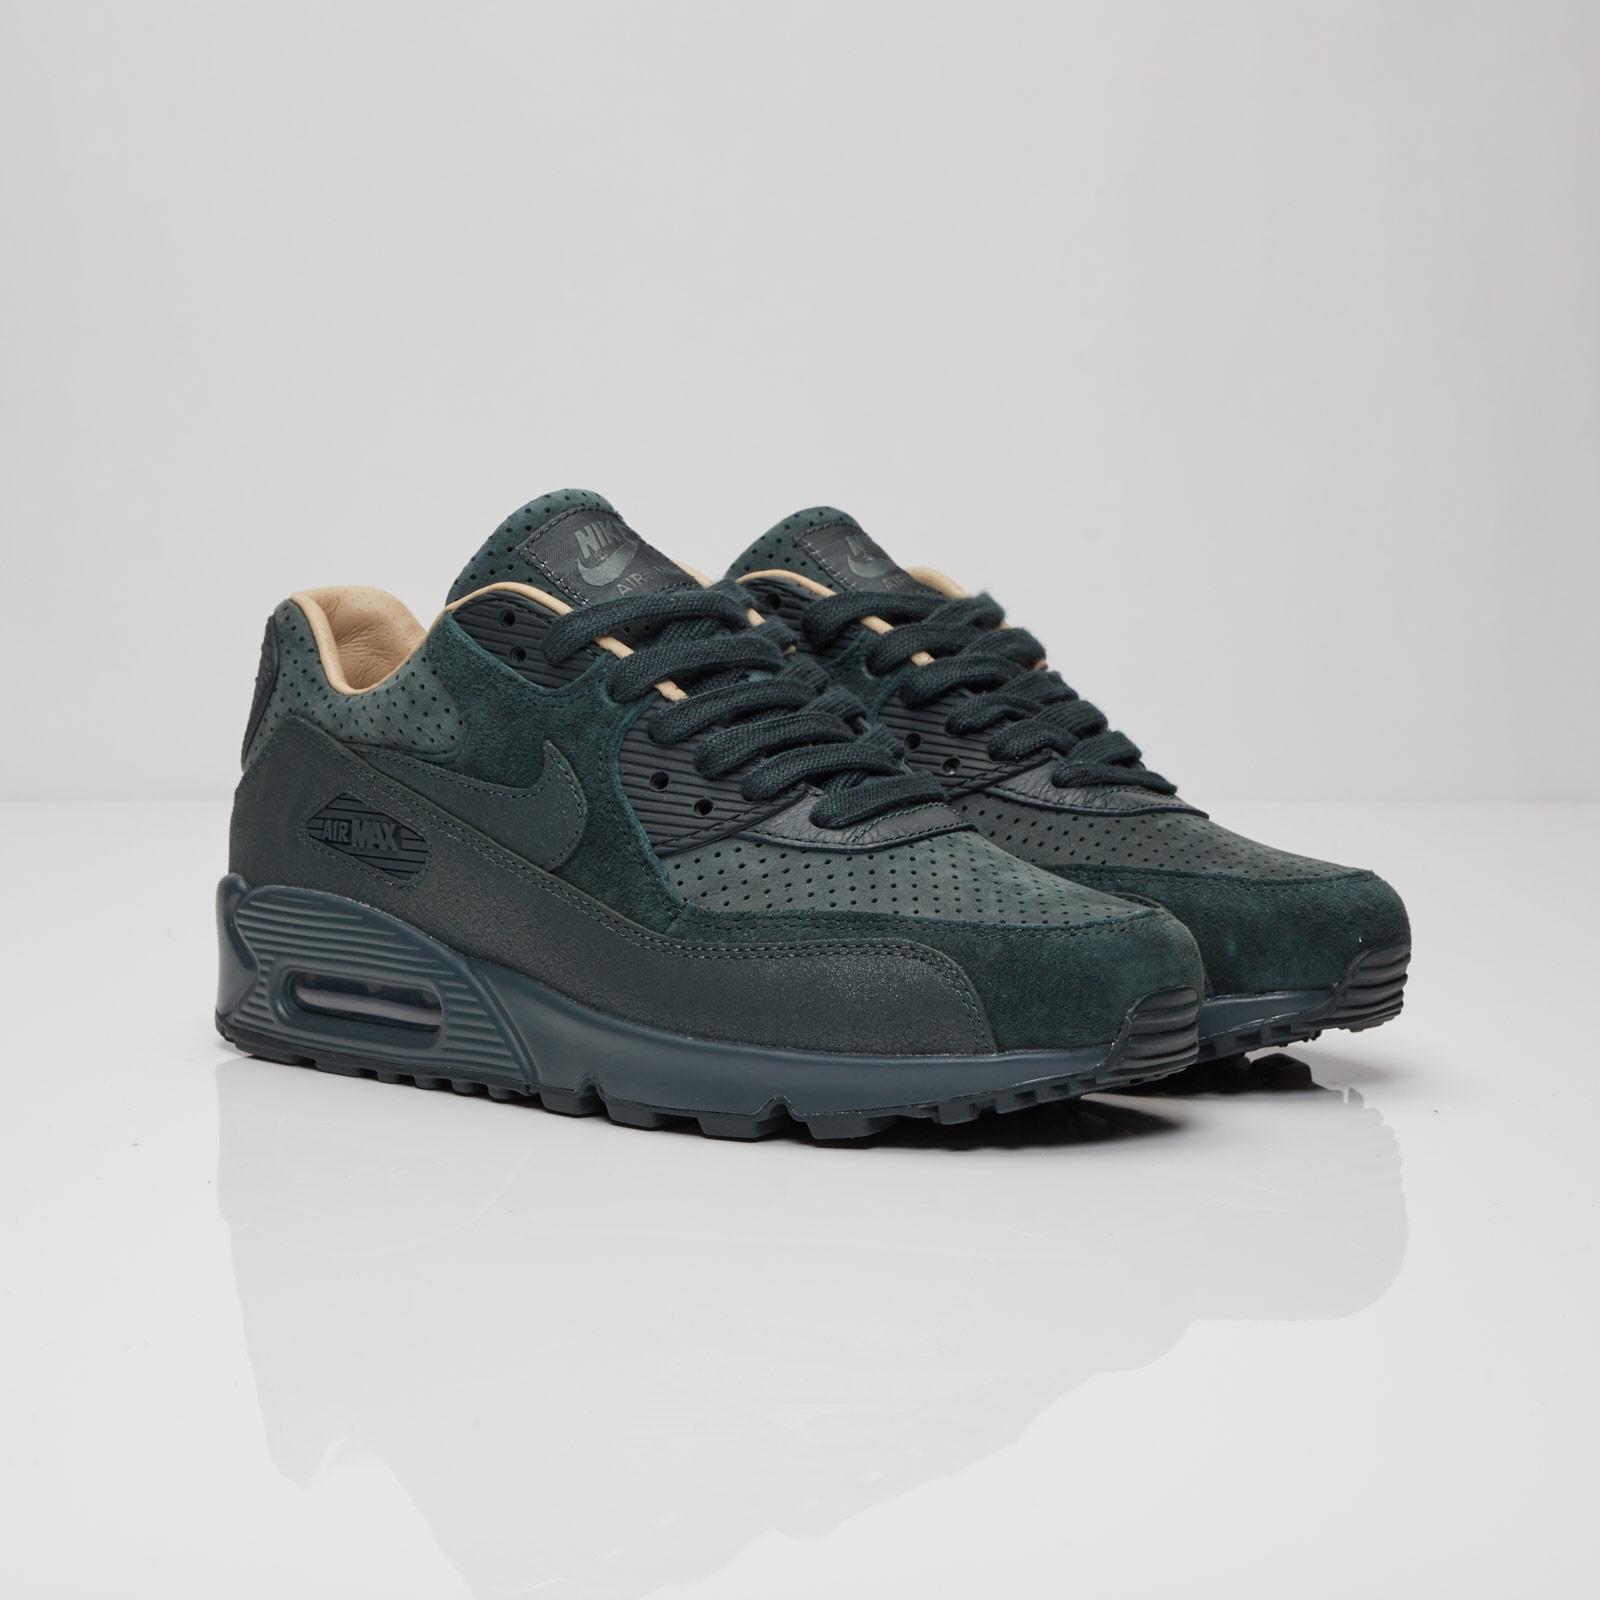 Nike Wmns Air Max 90 Pinnacle 839612 301 Sneakersnstuff